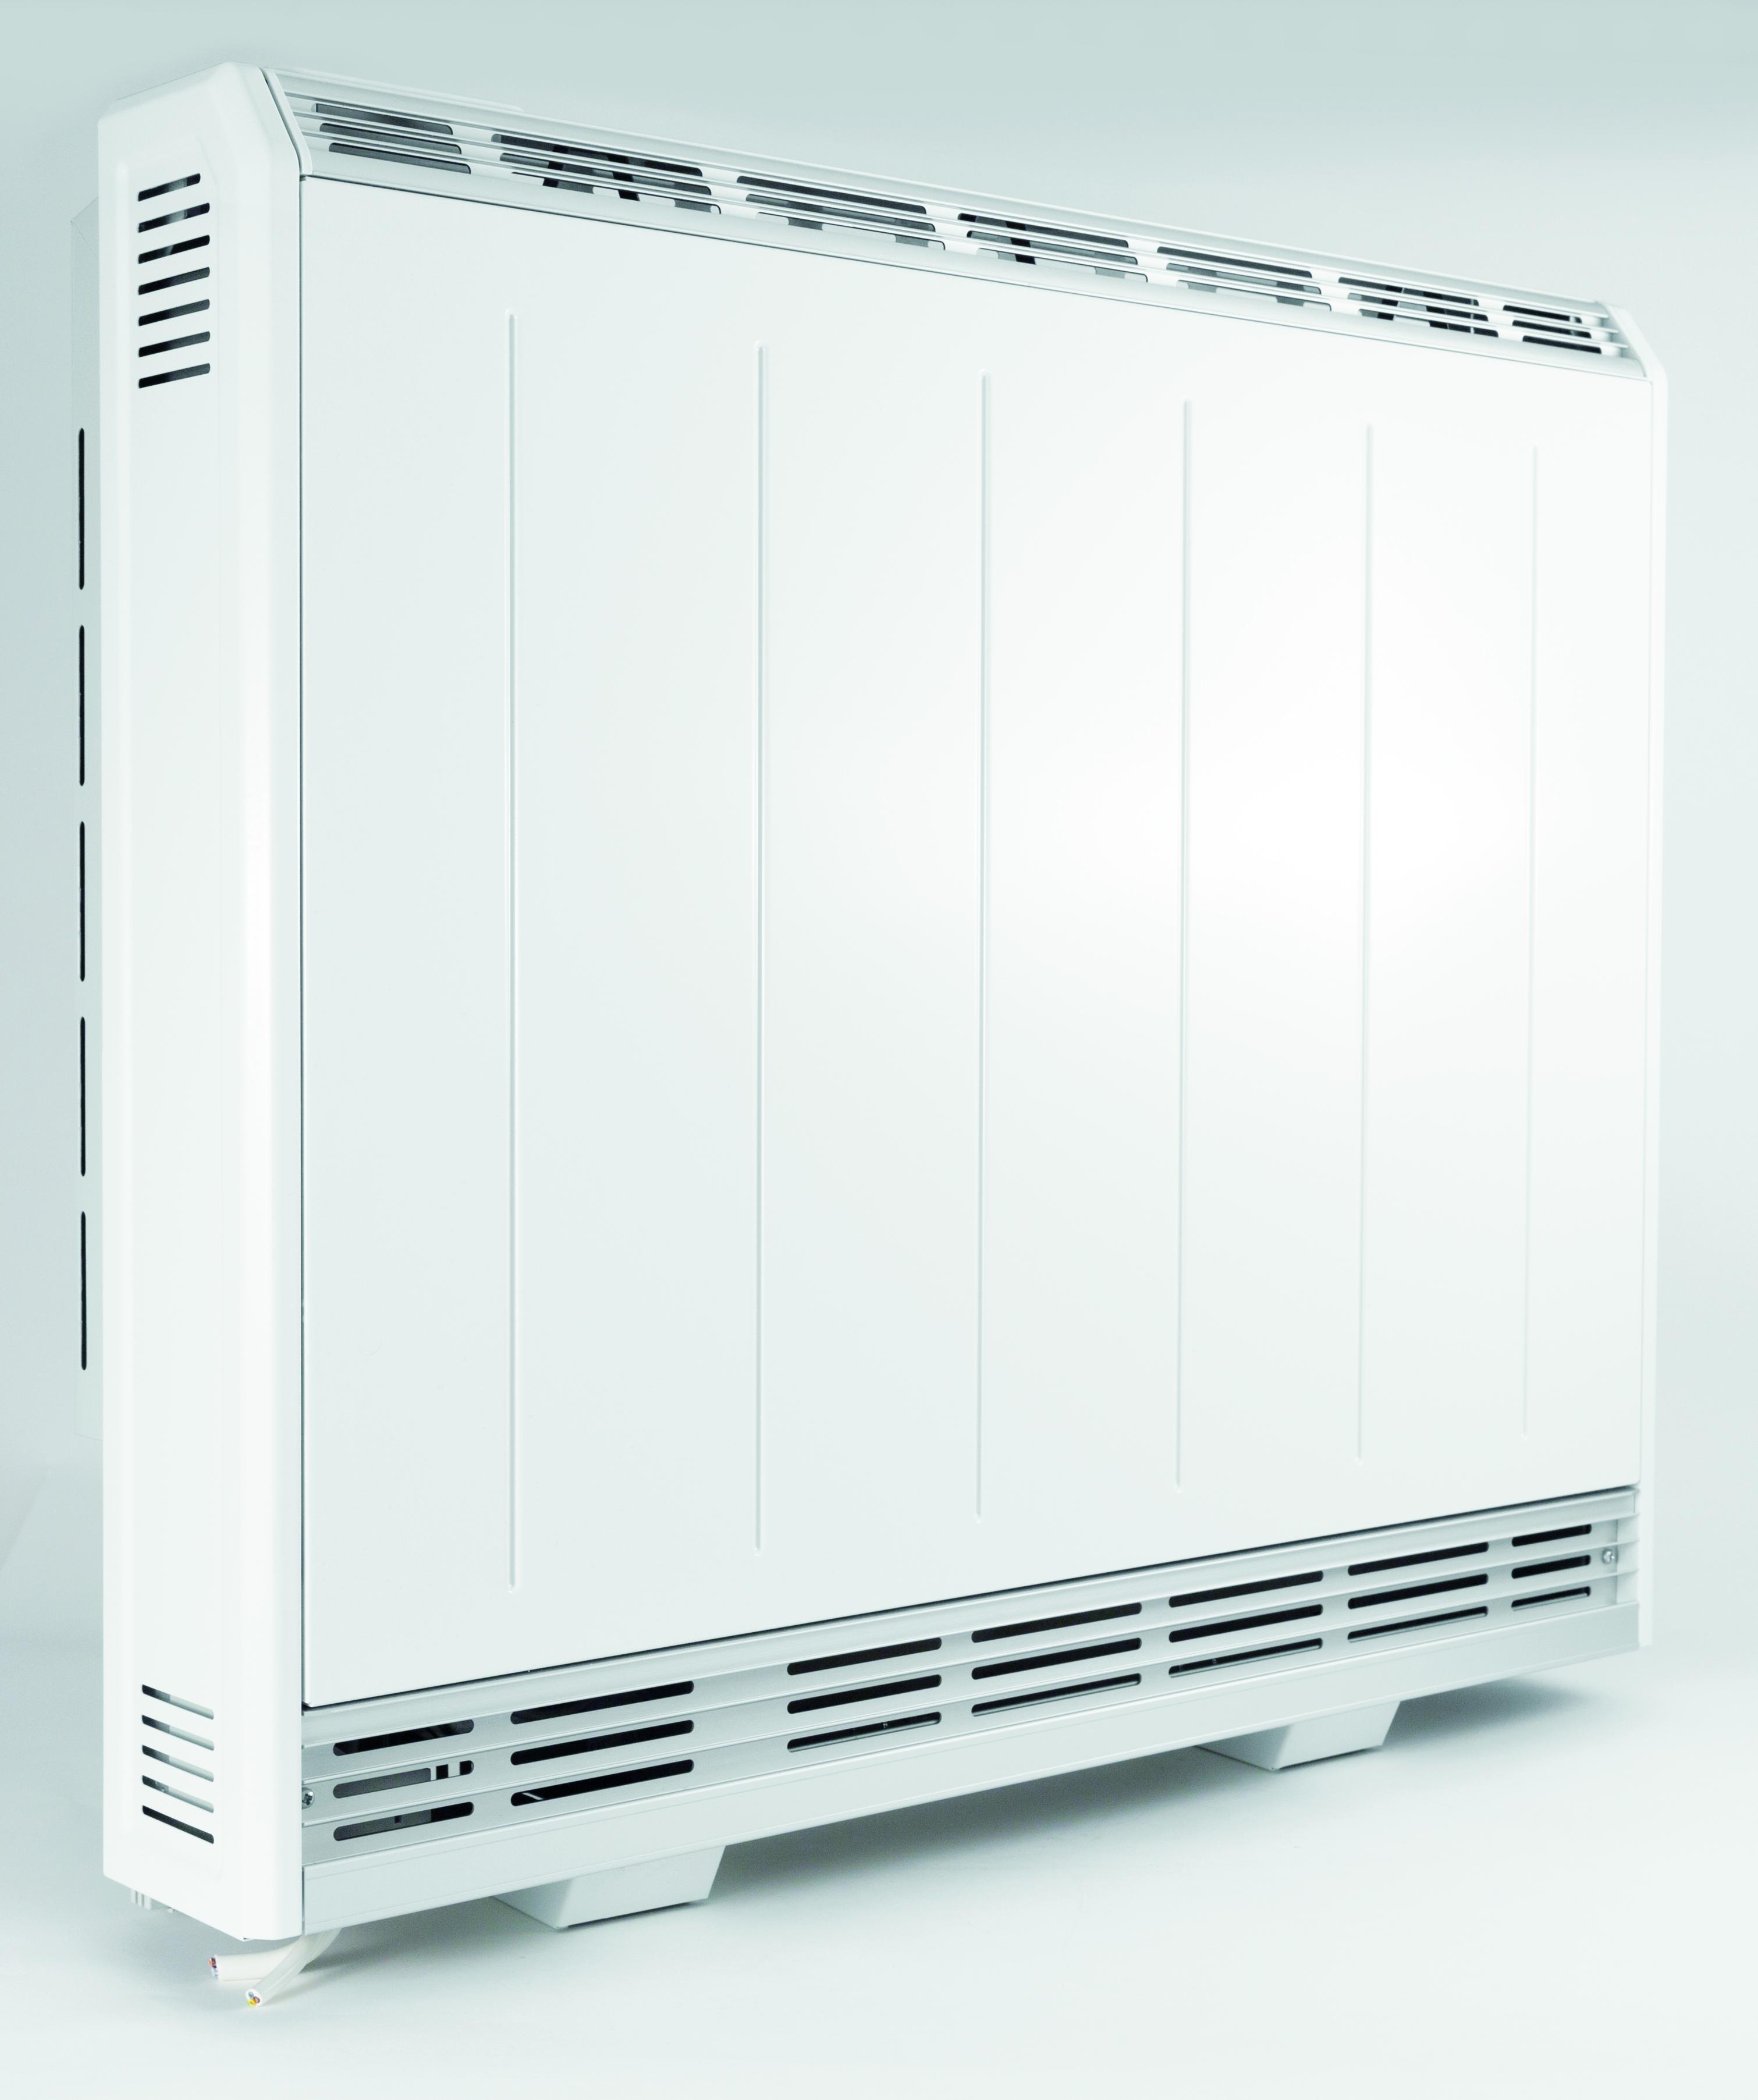 New dimplex xle range lot 20 compliant storage heaters dimplex xle storage heater dimplex asfbconference2016 Images